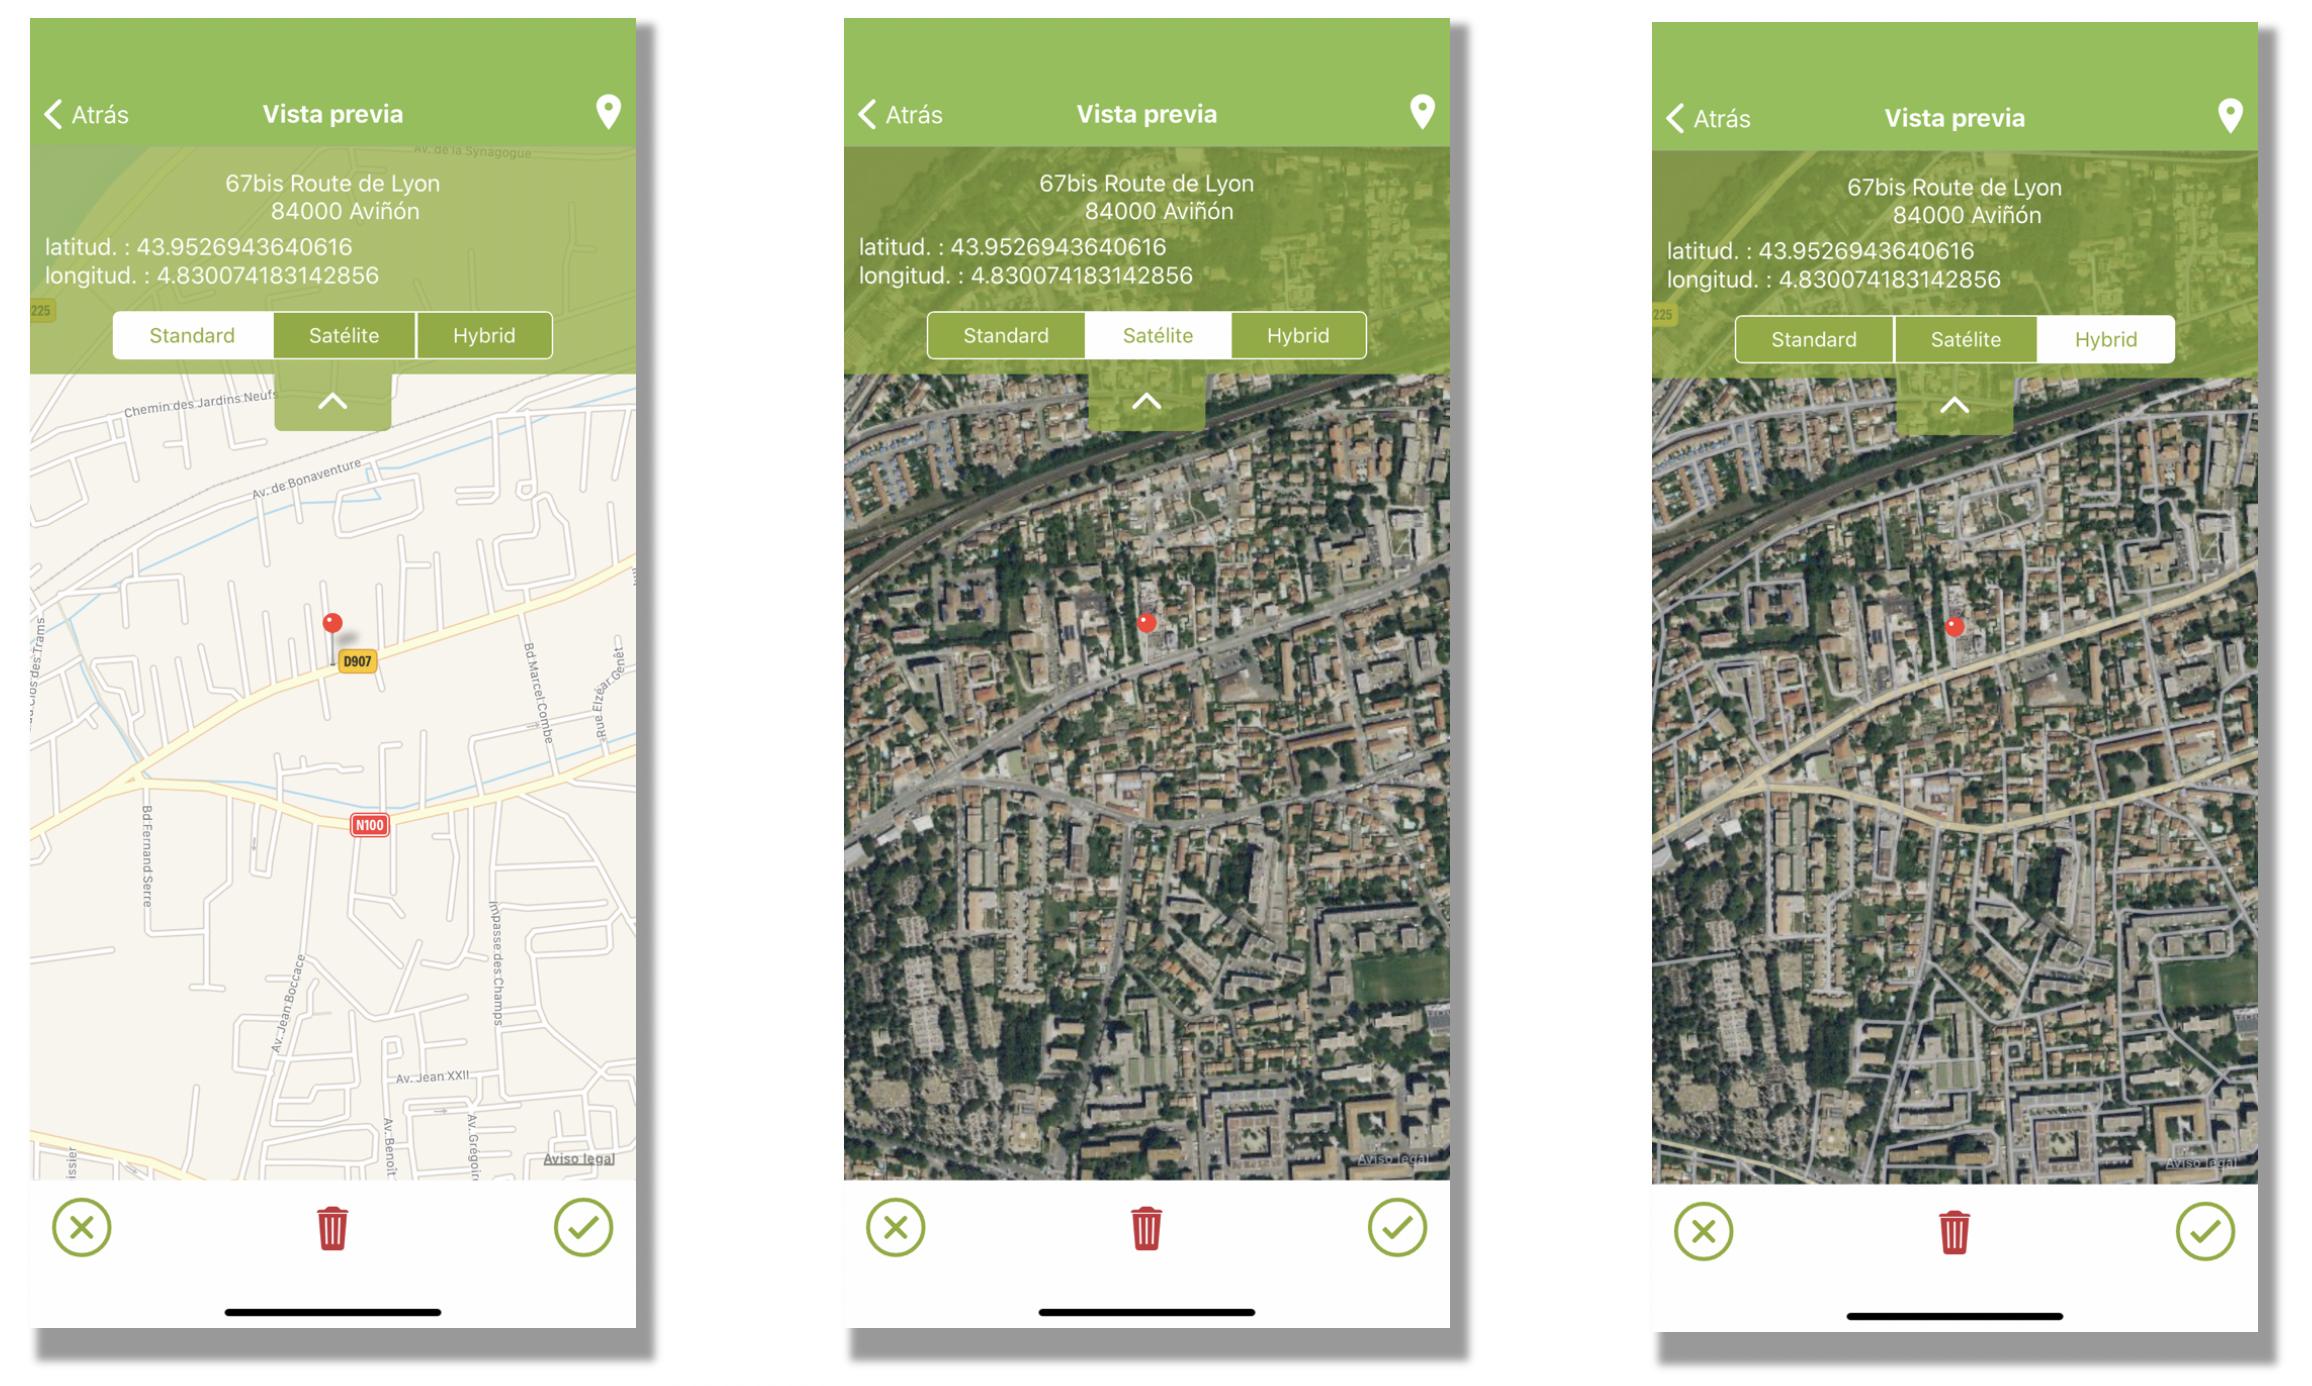 Vistas de la geolocalización desde tu móvil o tablet